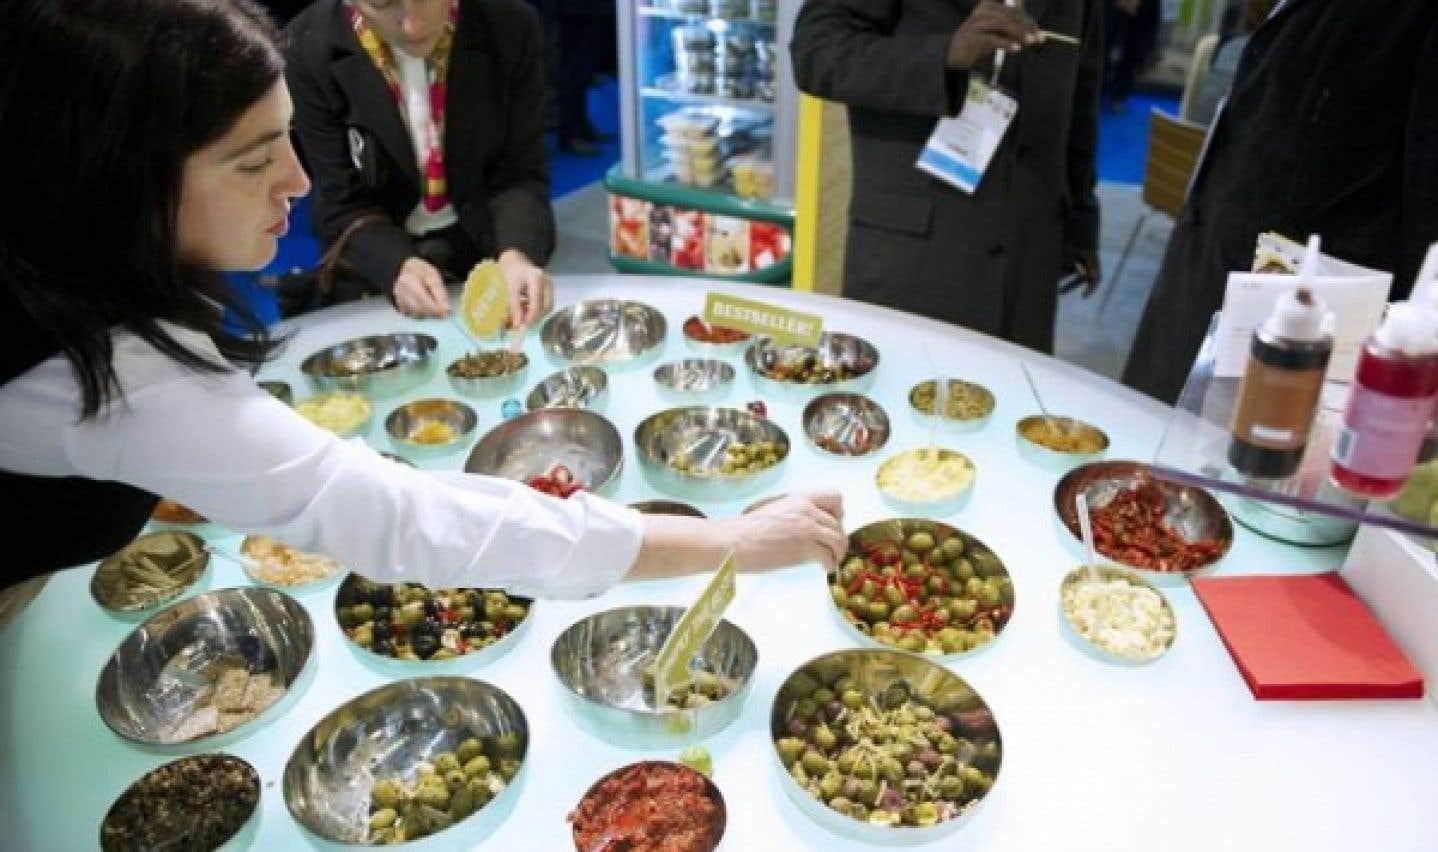 Une femme déguste des olives pendant le Salon international de l'alimentation de Paris. L'édition du SIAL de Montréal a lieu du 9 au 11 mai.